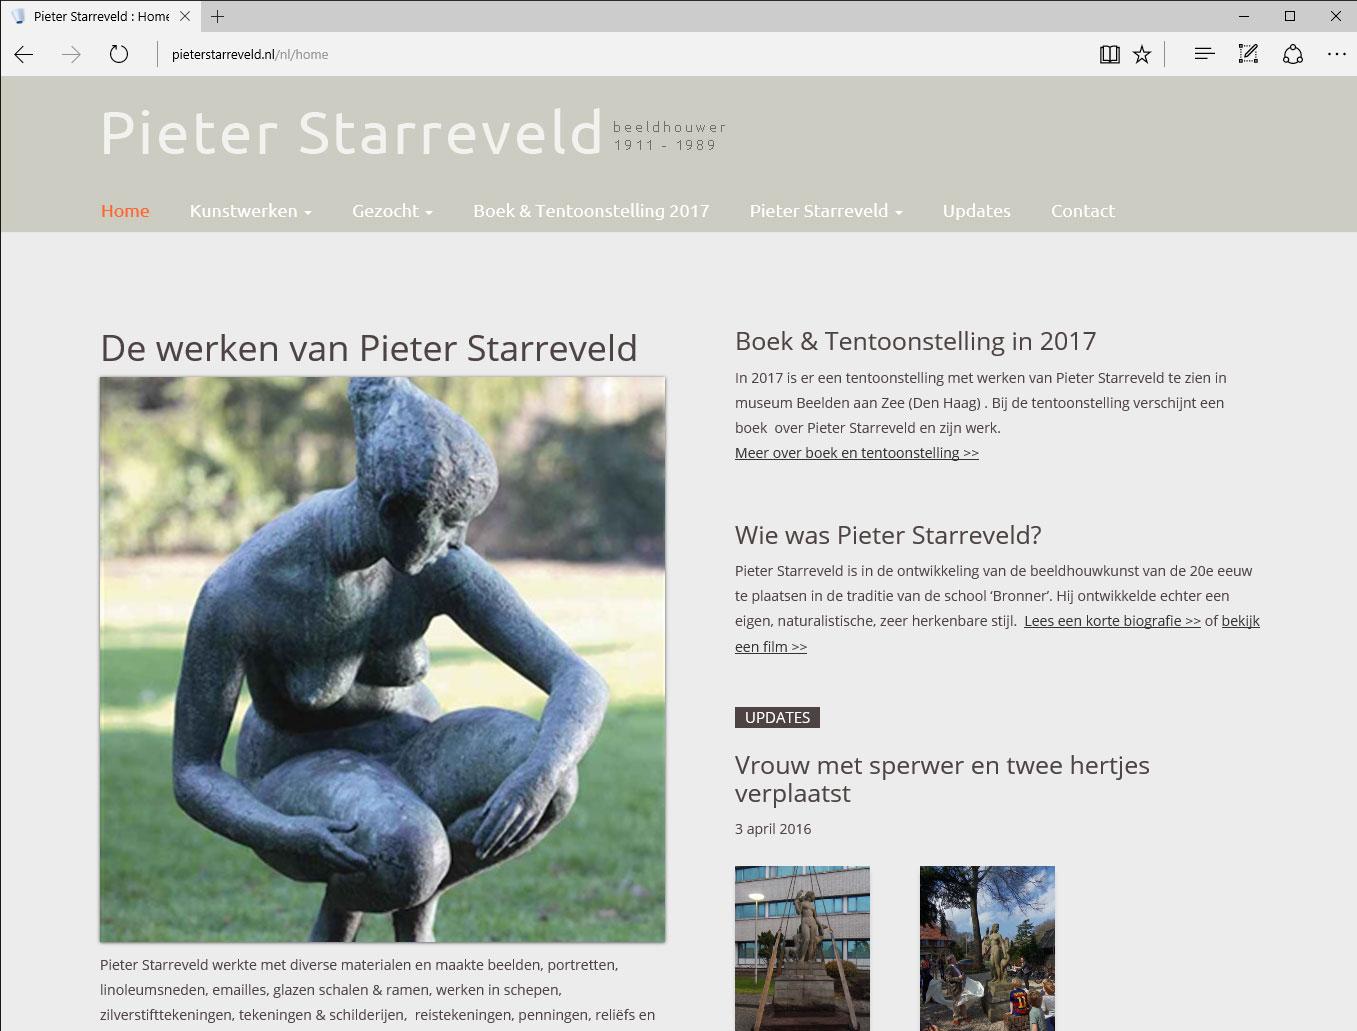 Pieter Starreveld